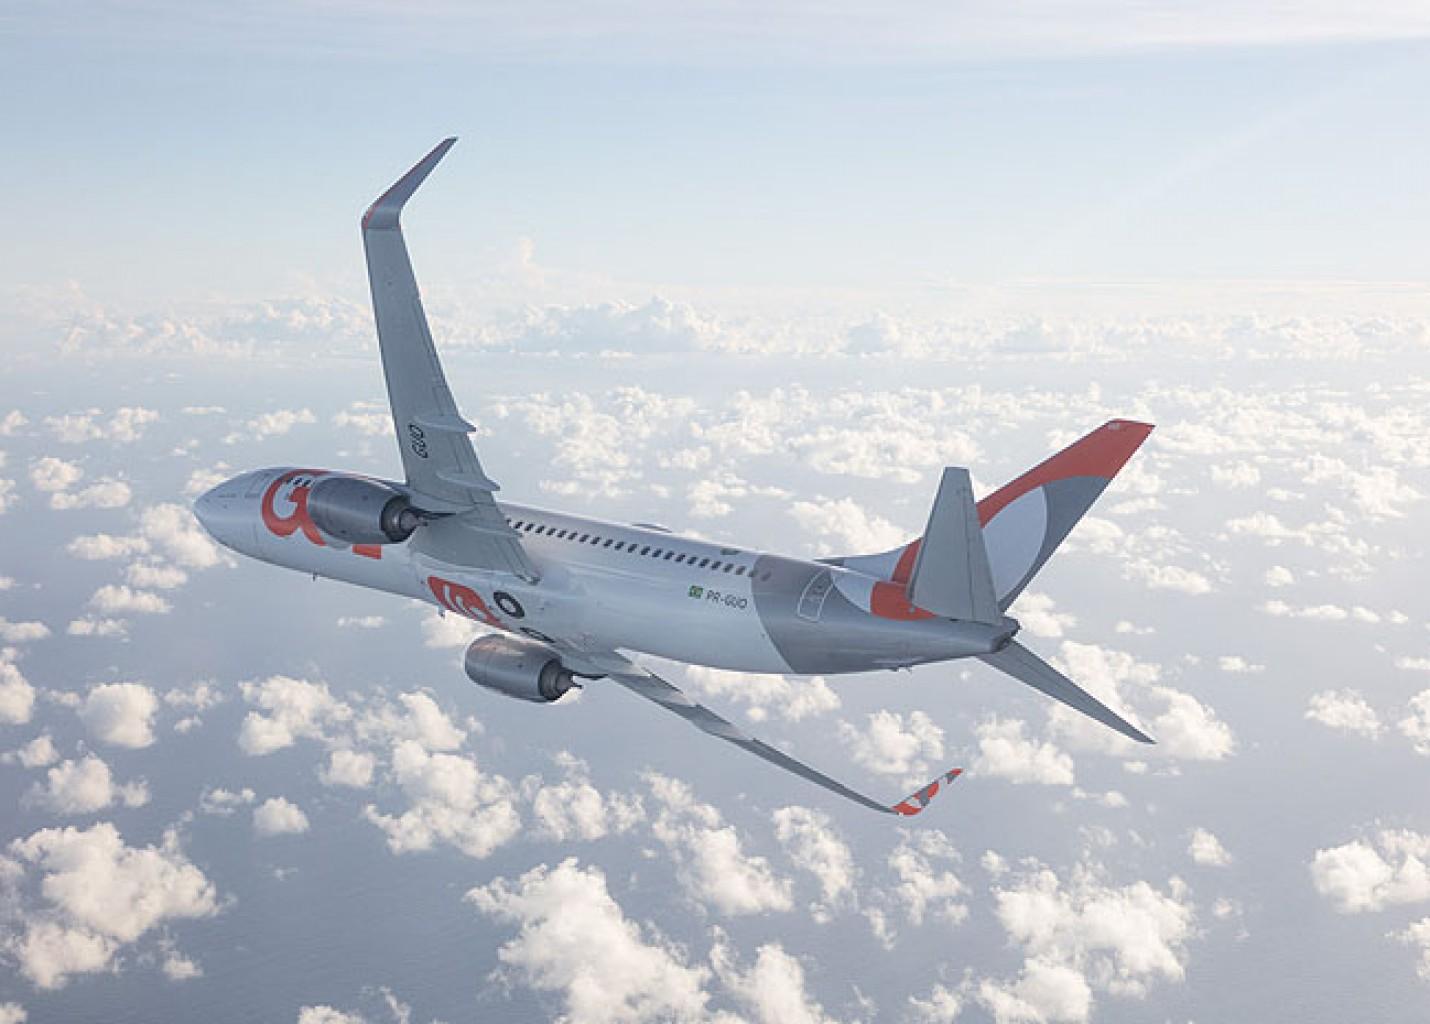 Gol anuncia venda de 11 Boeings 737 NG e renovação acelerada da frota